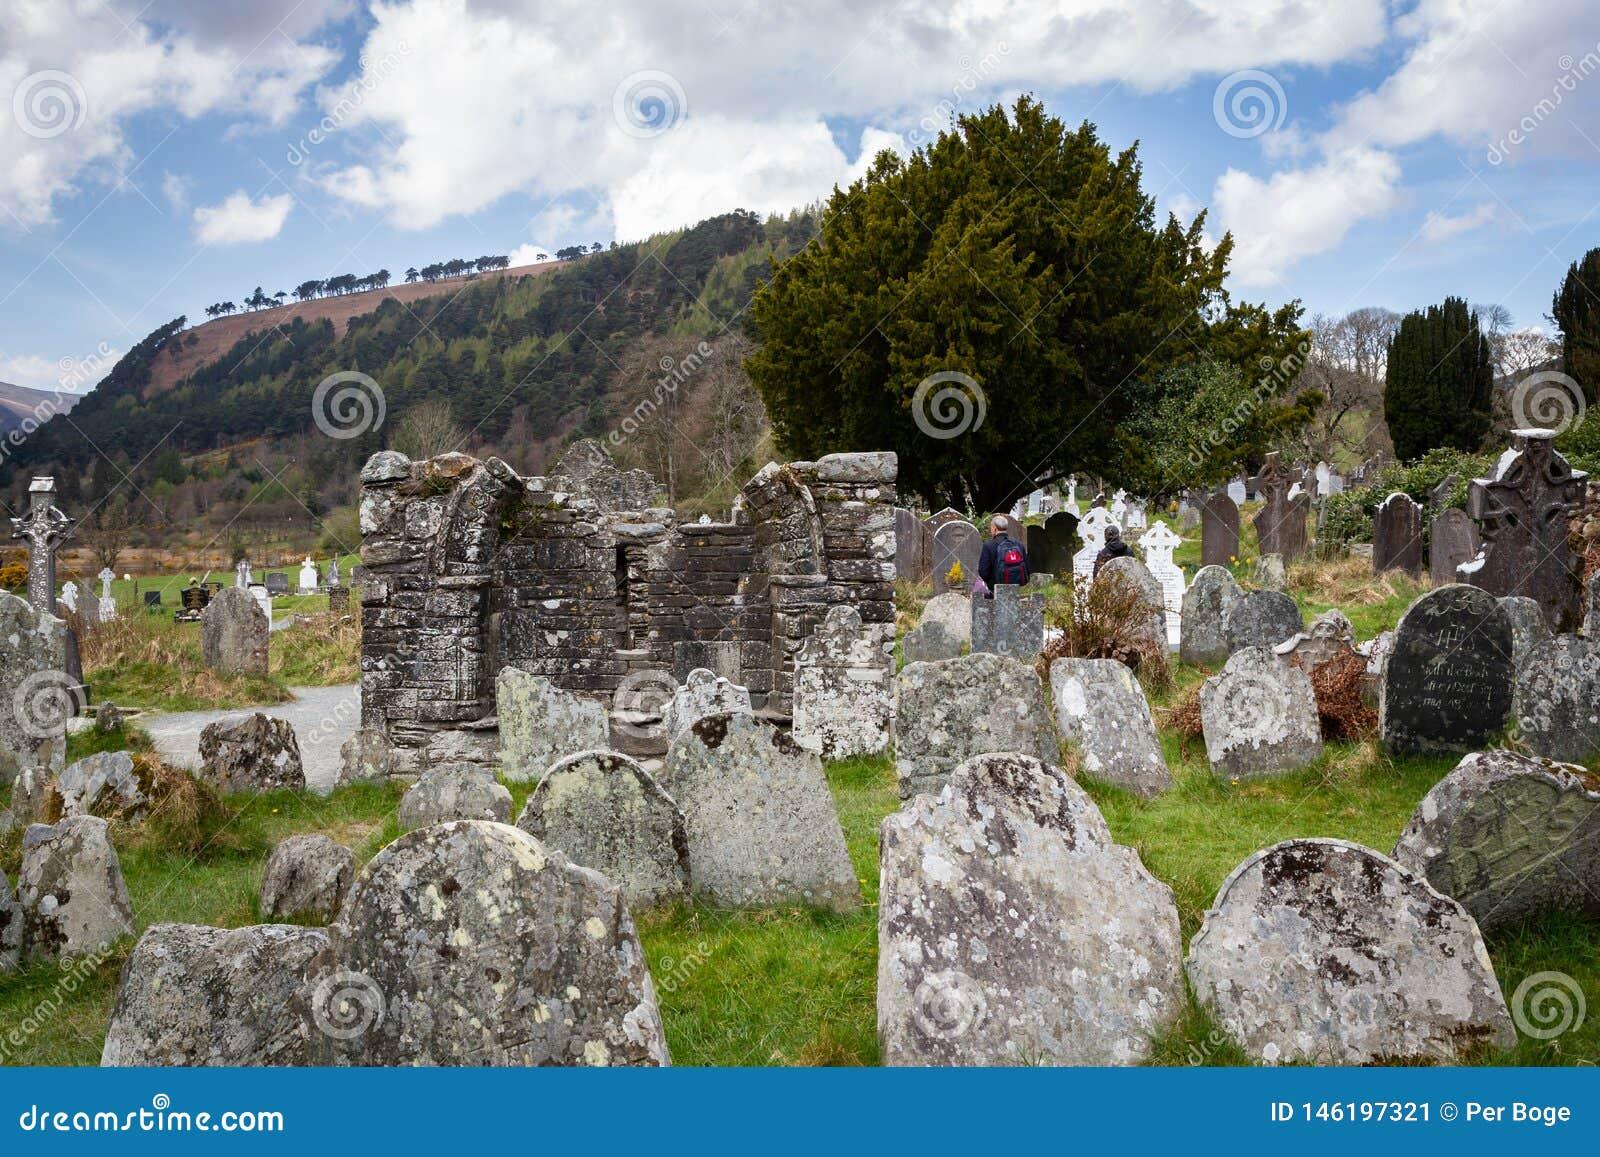 Cemitério antigo velho com lápides e o monte gastos da montanha com céu nebuloso